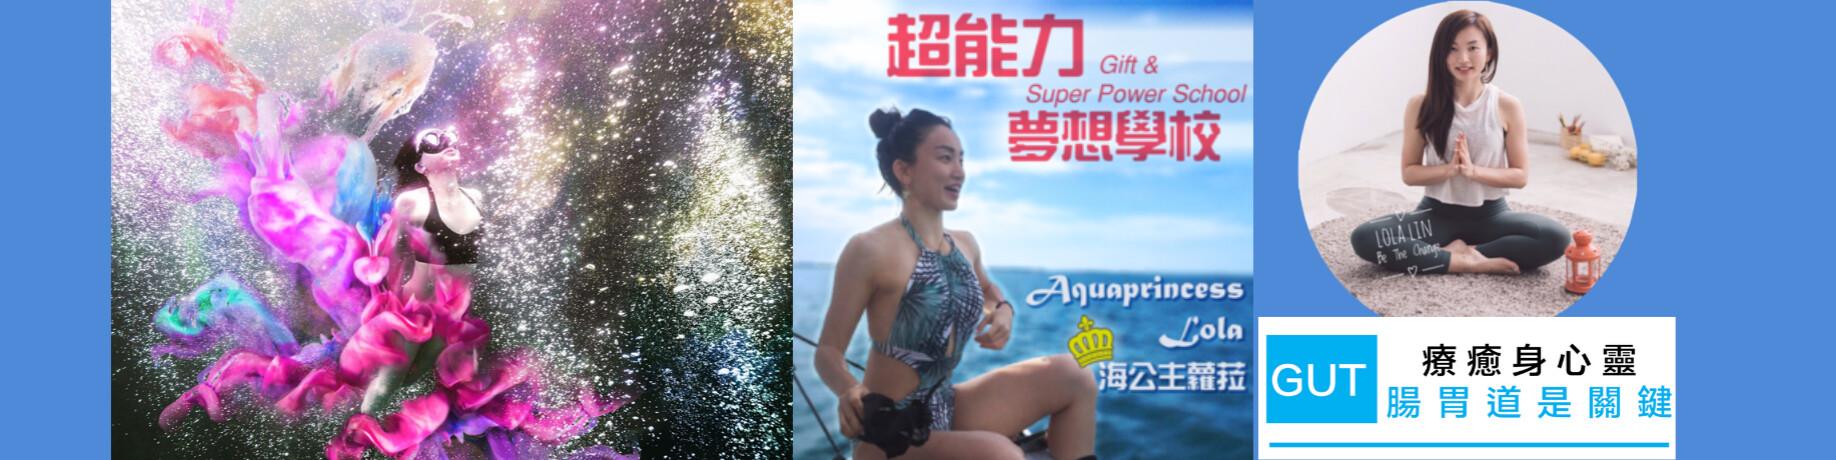 超能力夢想學校 Gift x Super Power School